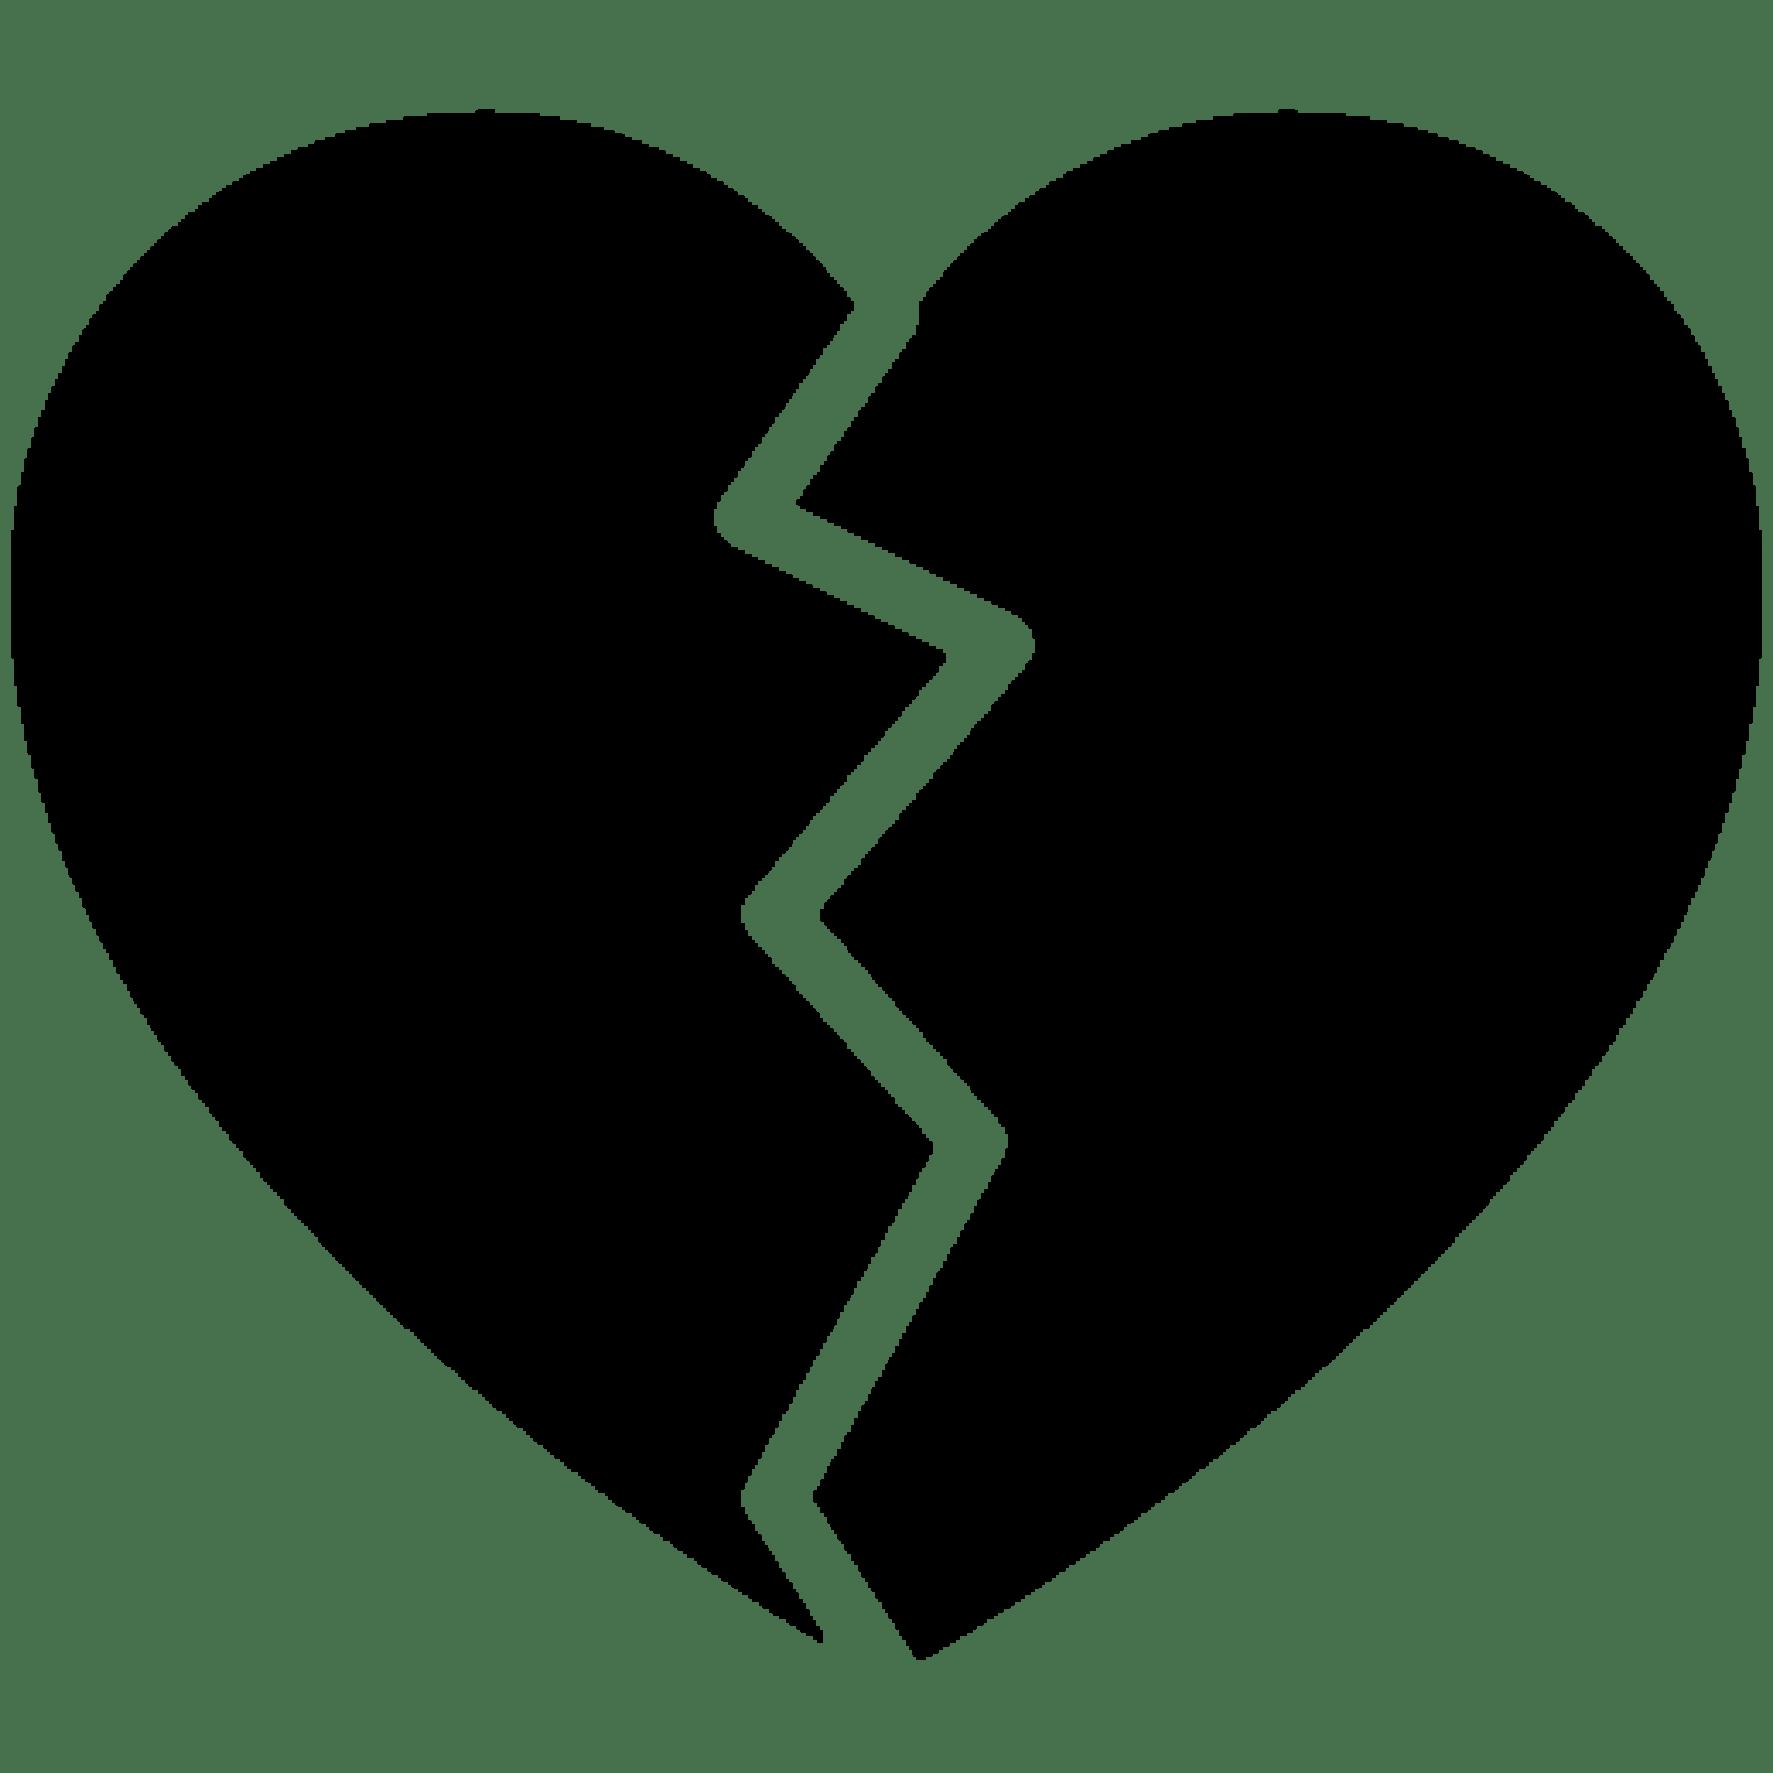 lil peep tatoo broken heart black [ 1024 x 1024 Pixel ]